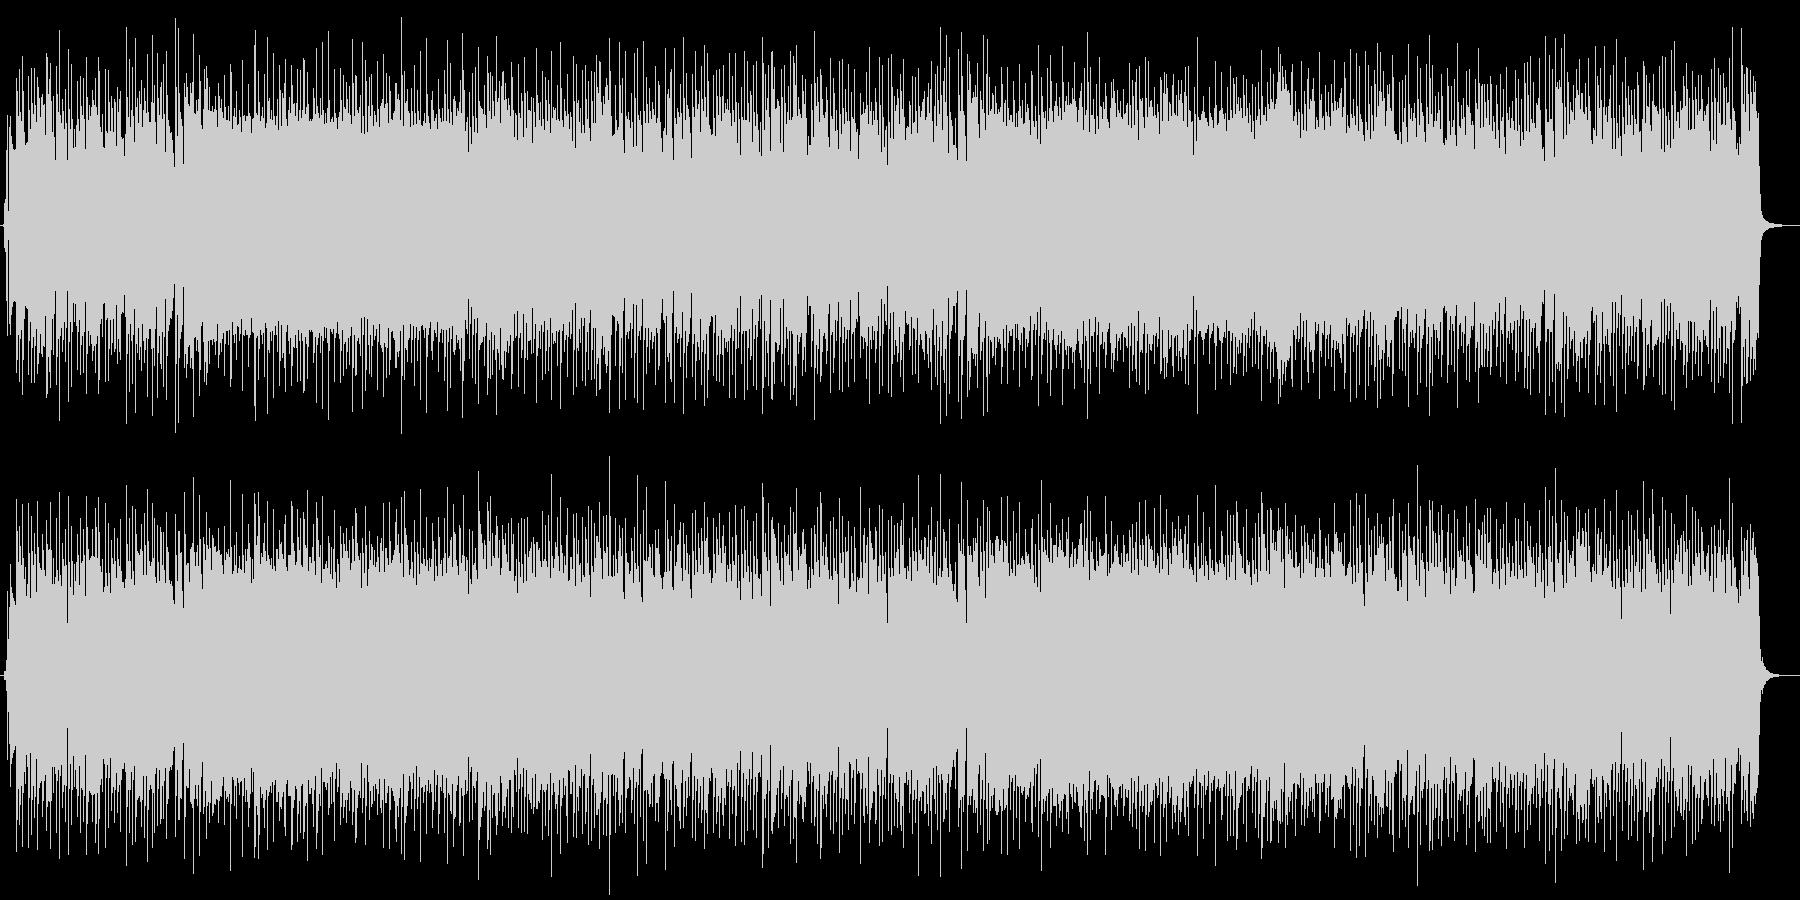 即興演奏風の陽気なギターロックBGMの未再生の波形